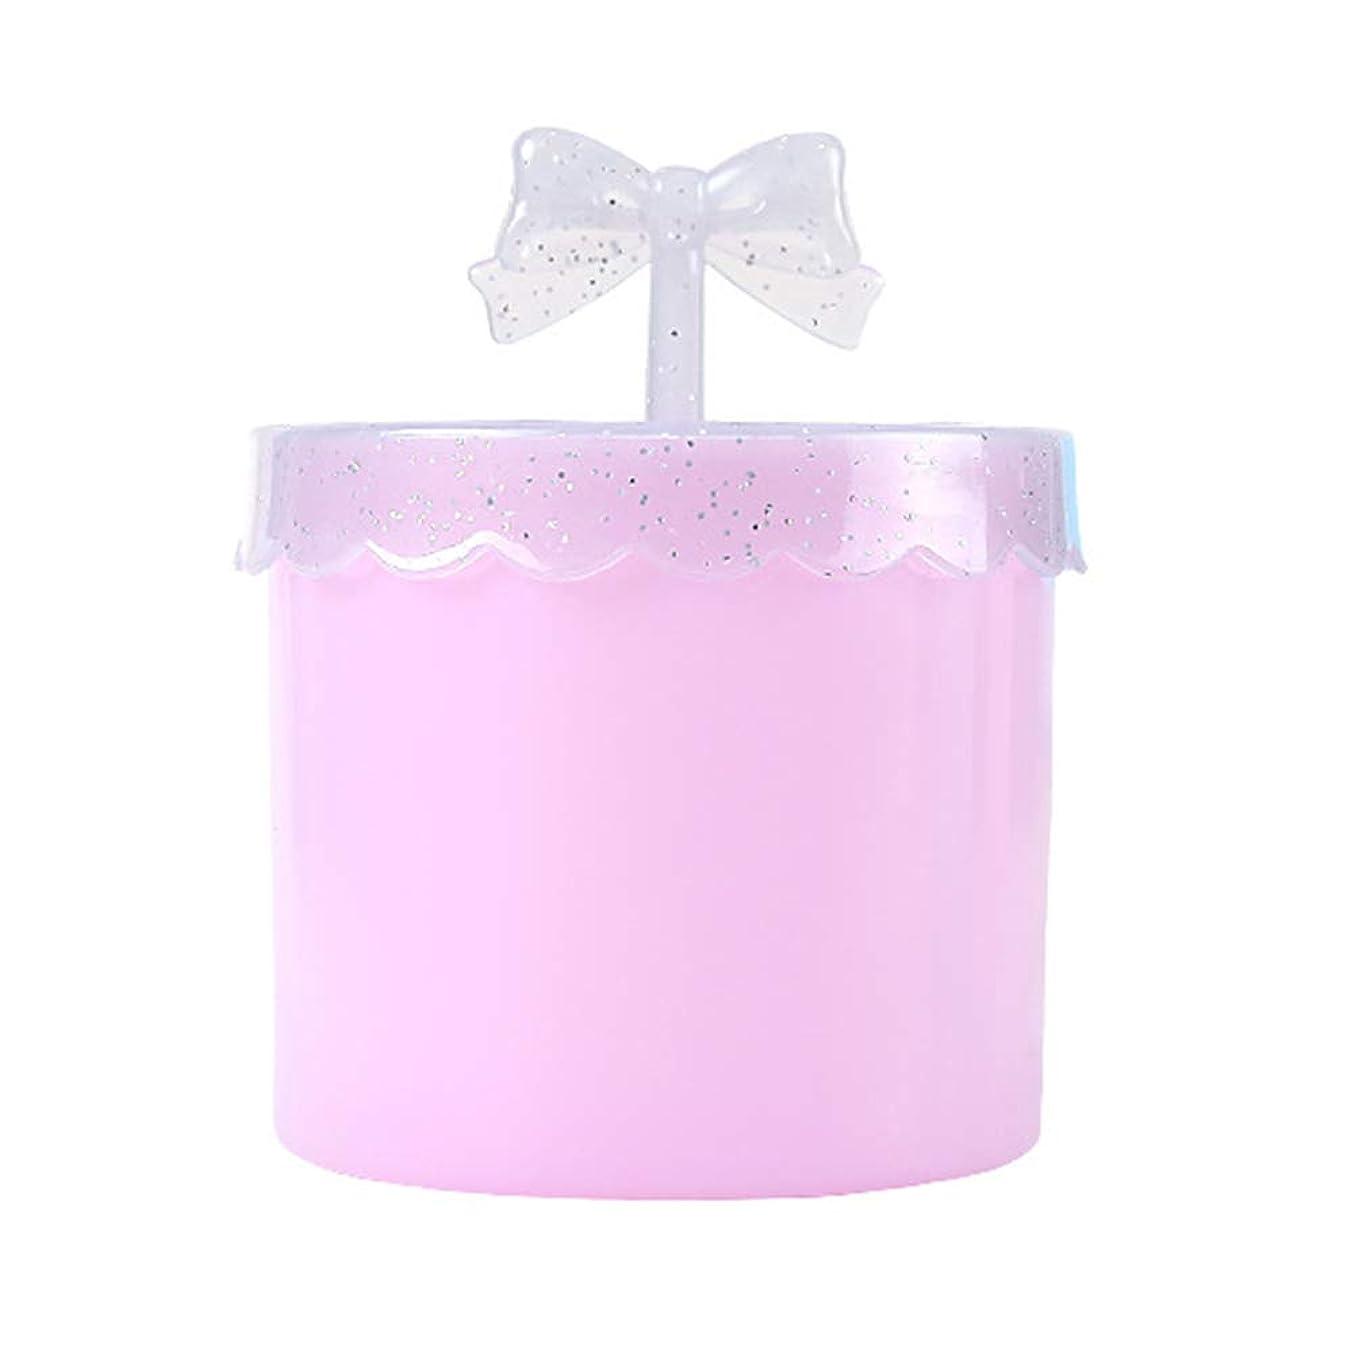 高度な時々渇きsky-open 洗顔泡立て器 マイクロバブルフォーマー フェイスクレンジングフォーマー マイクロバブルフォーマー 洗顔フォーム 洗顔用 泡立て器 女性美容フェイシャル発泡カップ(ピンク)